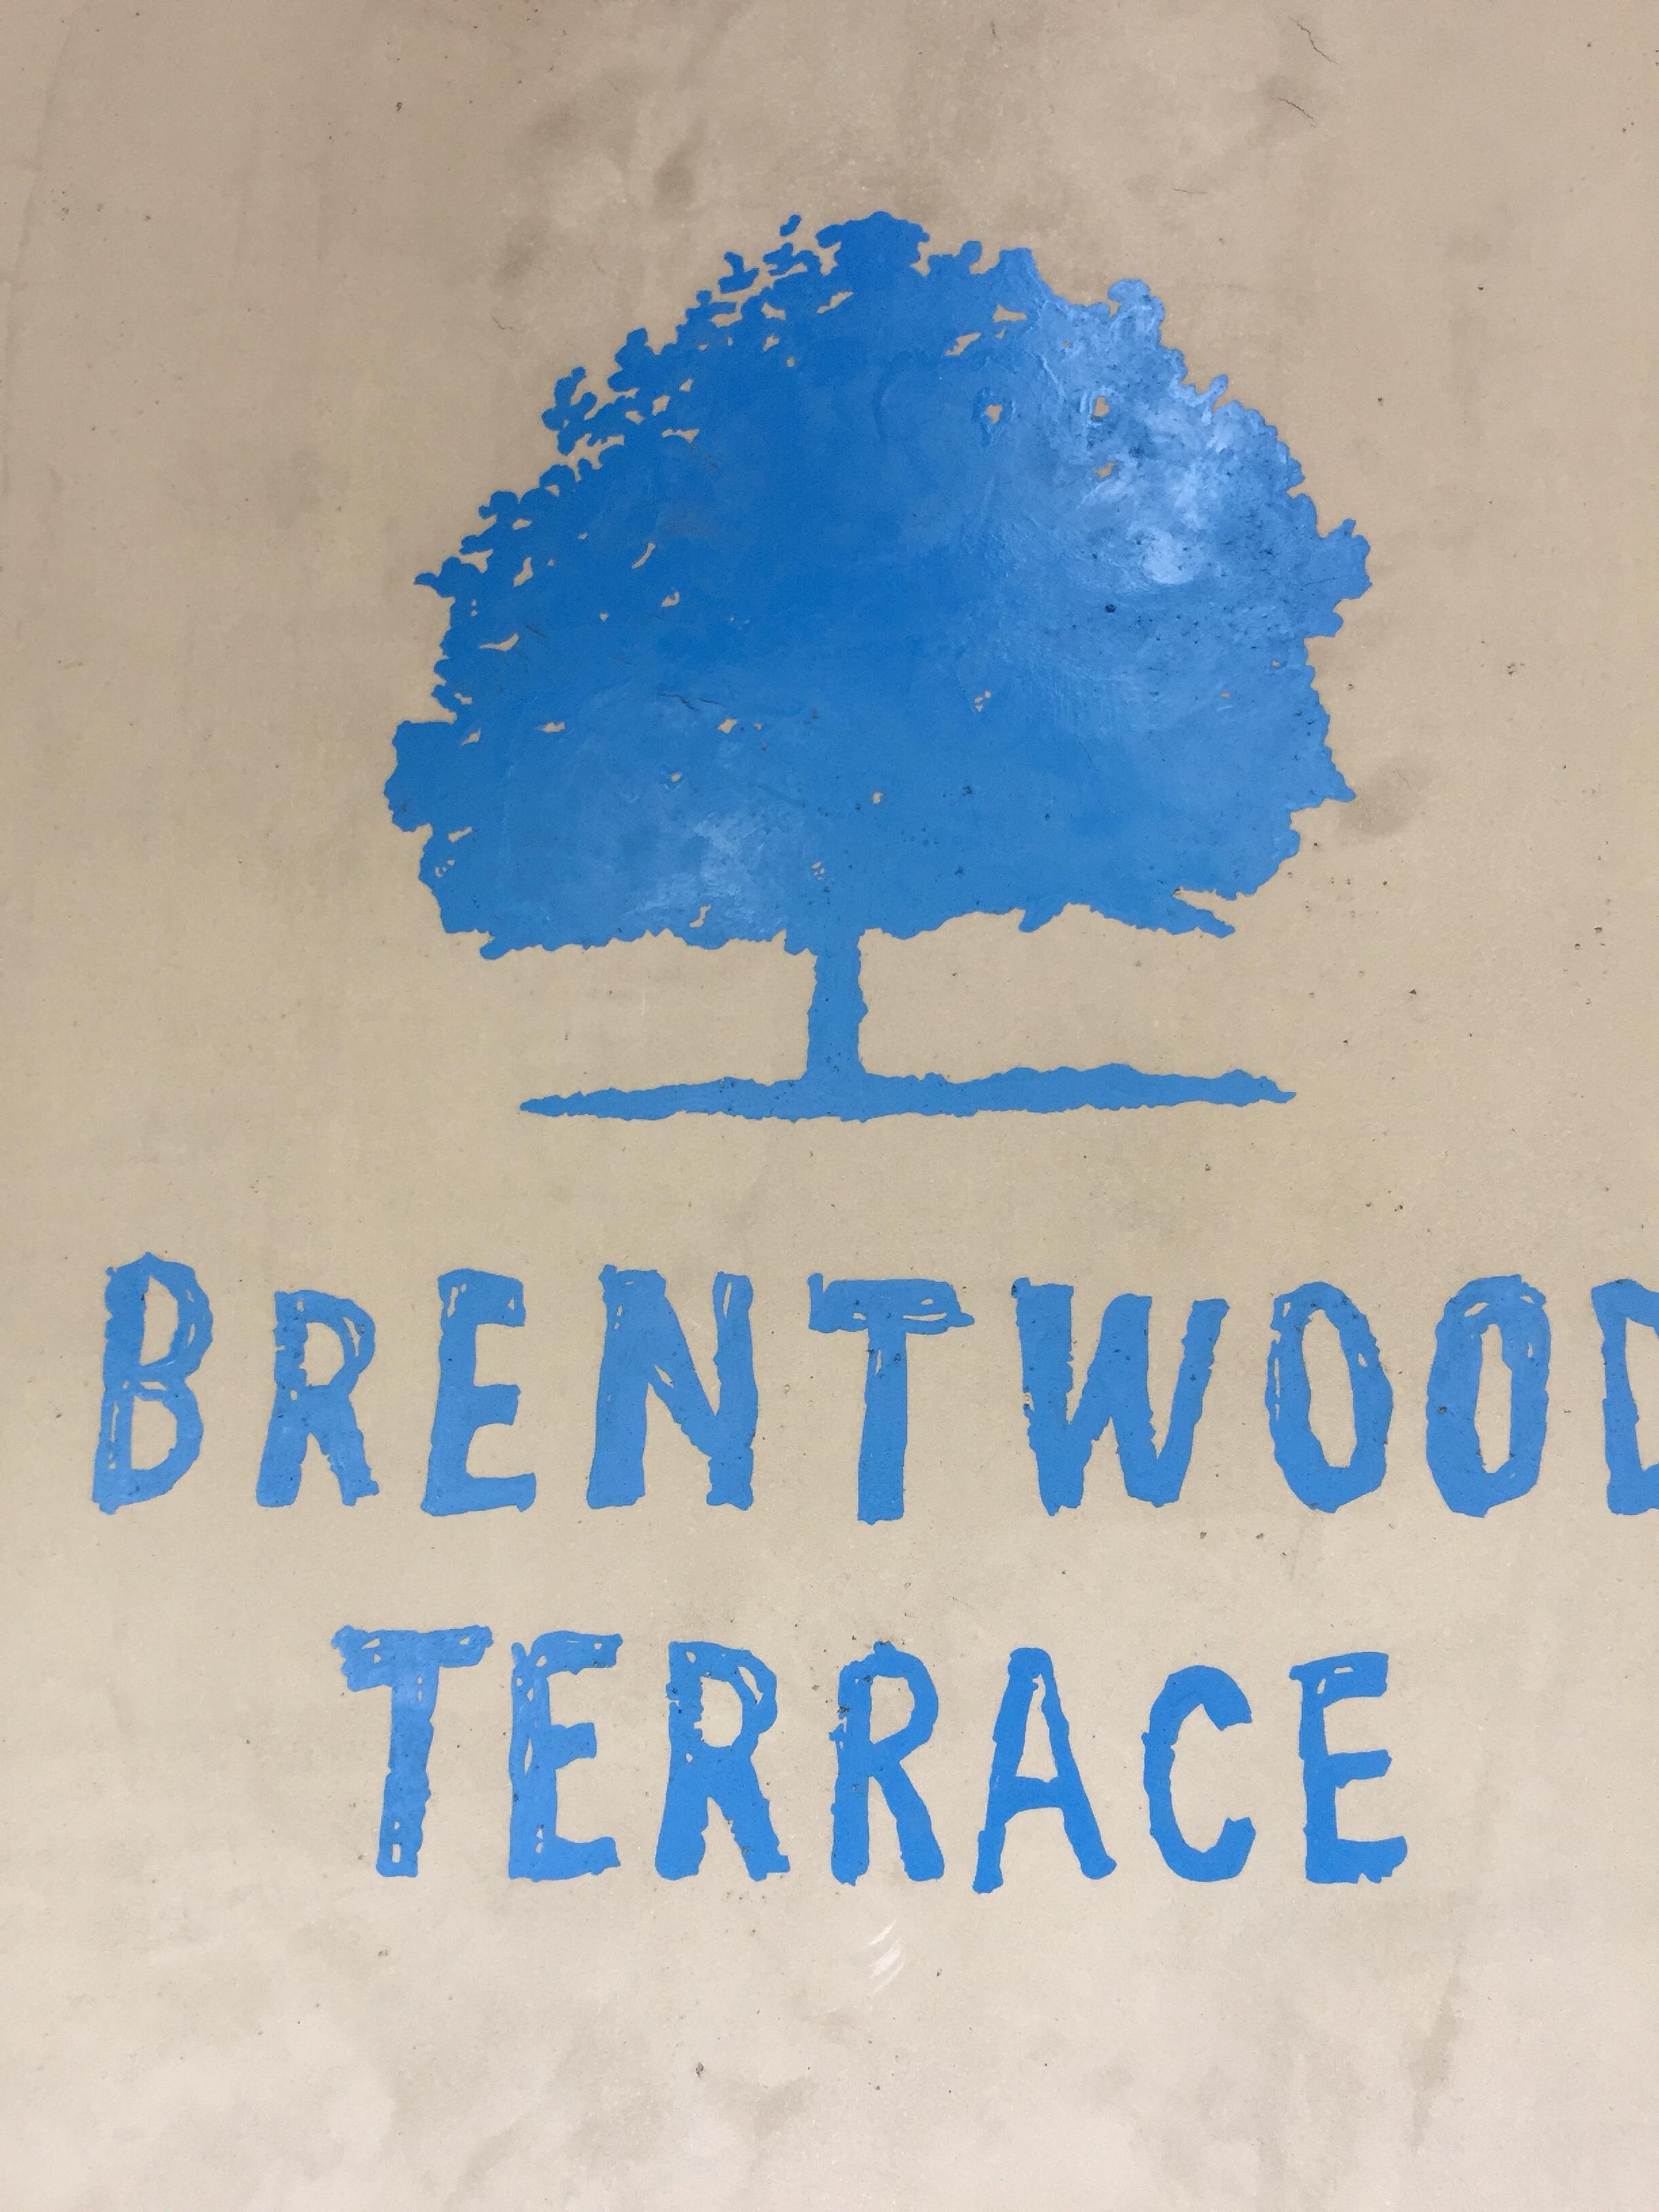 【千駄ヶ谷】BRENTWOOD TERRACE(ブレントウッドテラス)でランチリポート